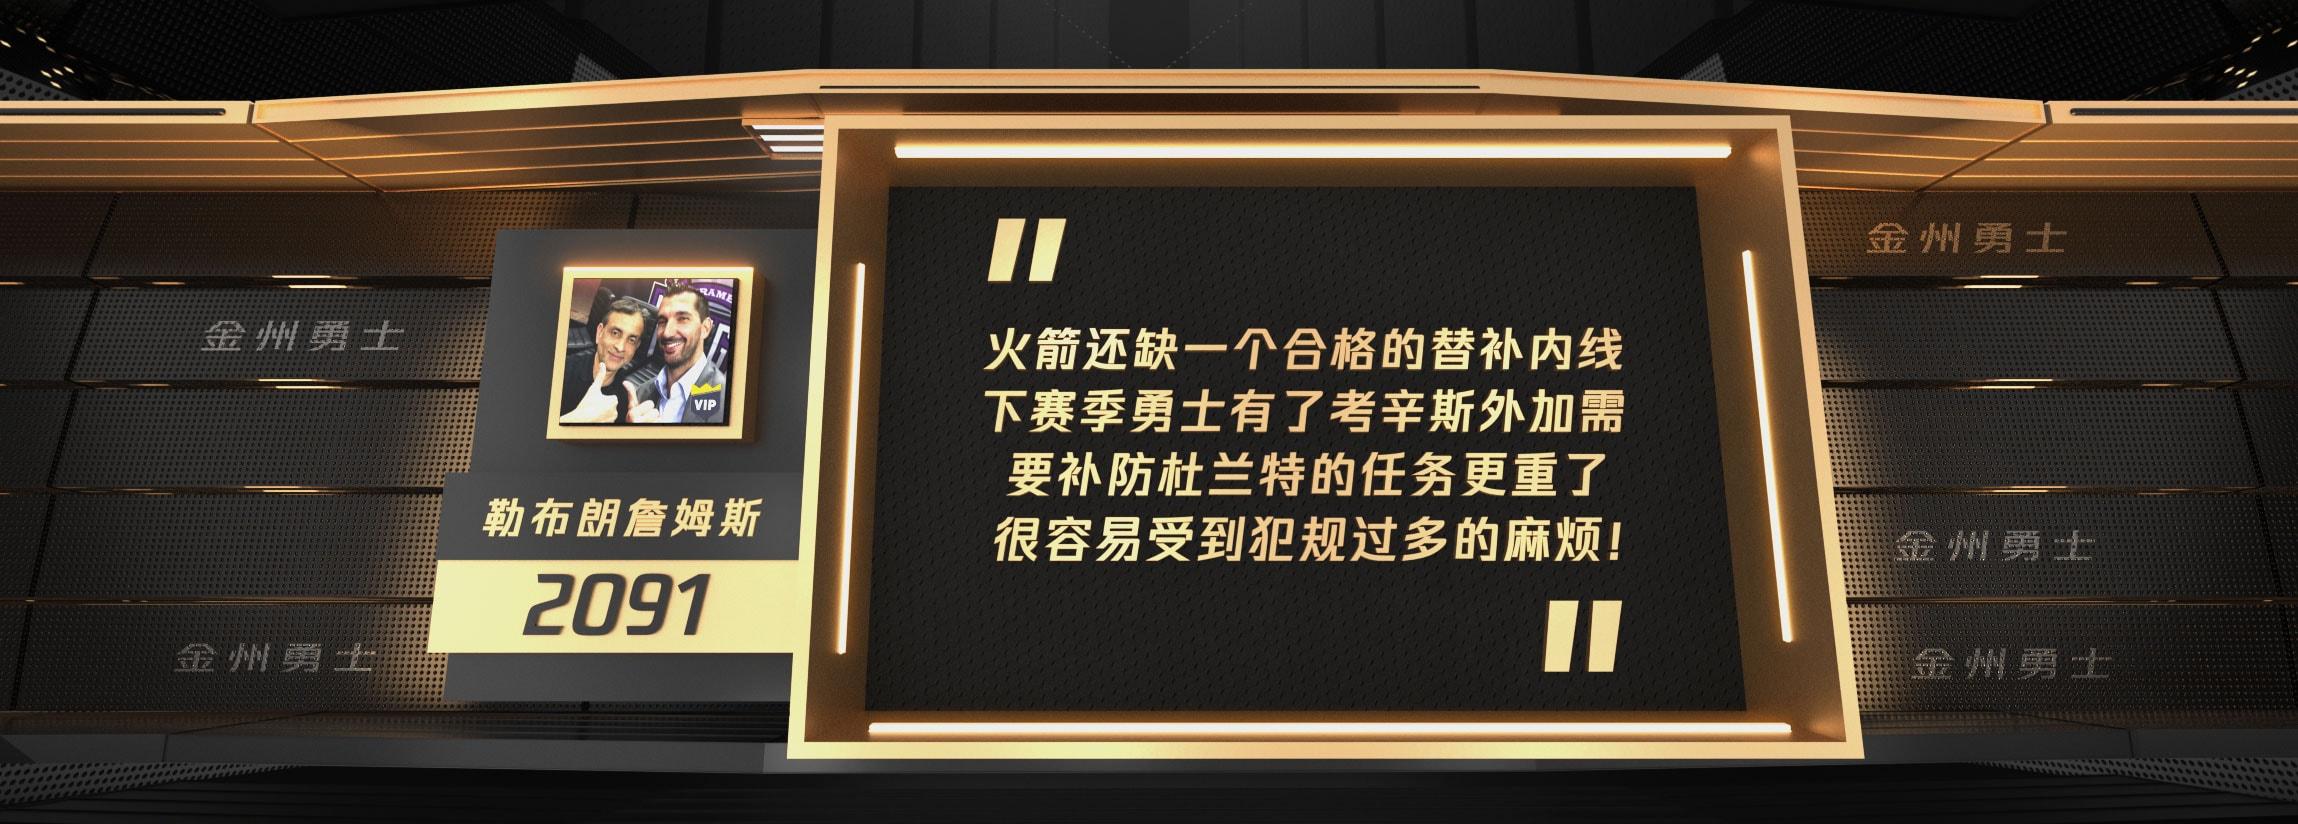 2019 Tencent Studio Screens 04 Girraphic